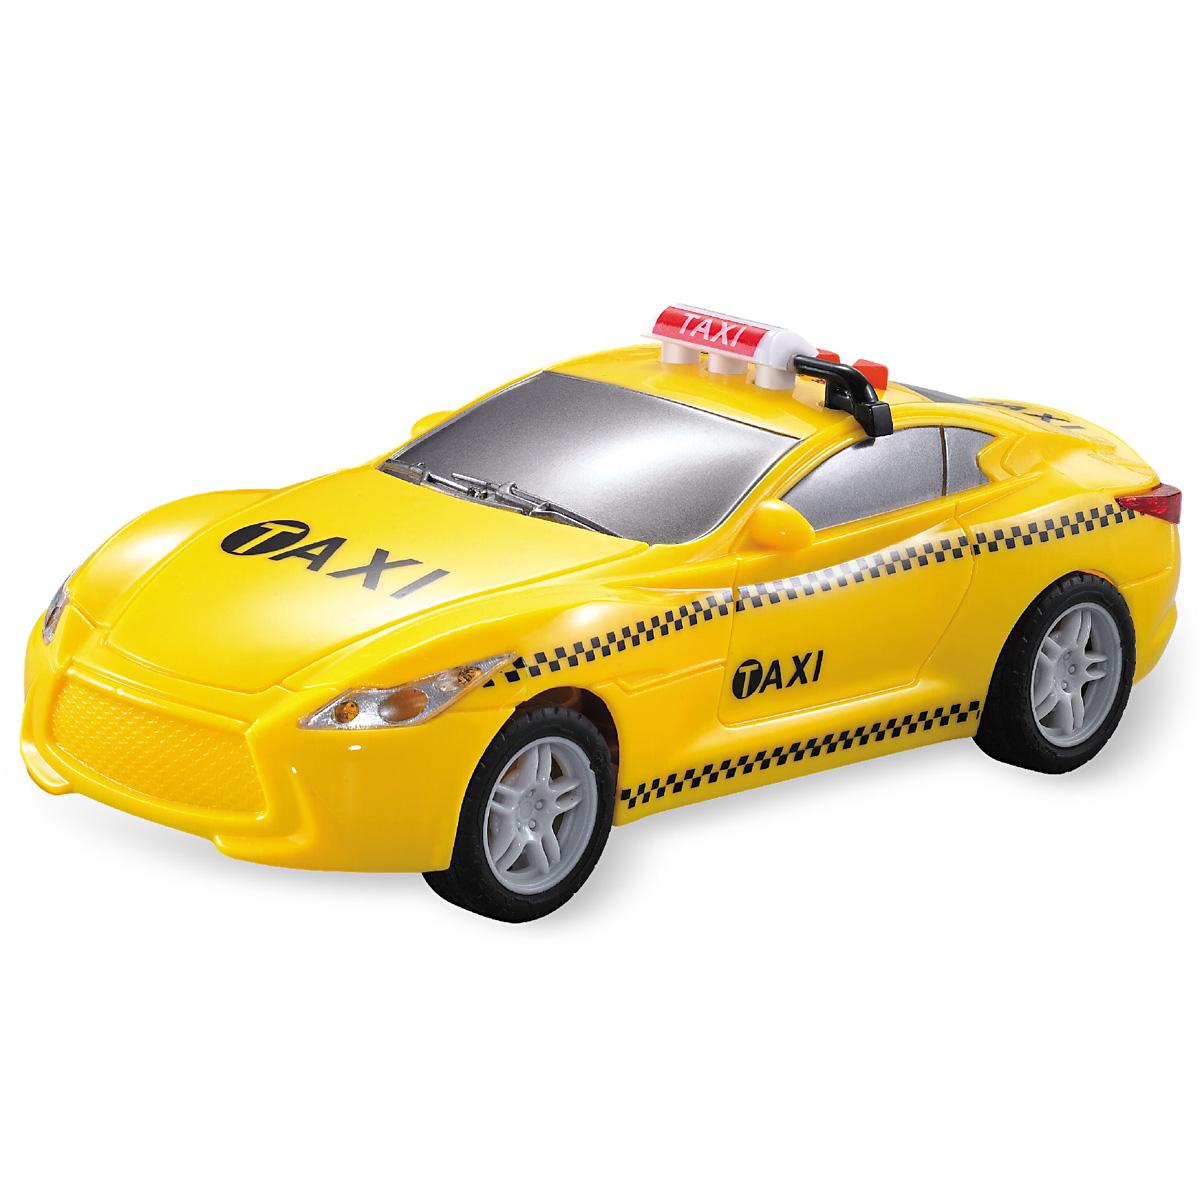 Drift Машинка Спецтехника Taxi Car drift машинка спецтехника city crane